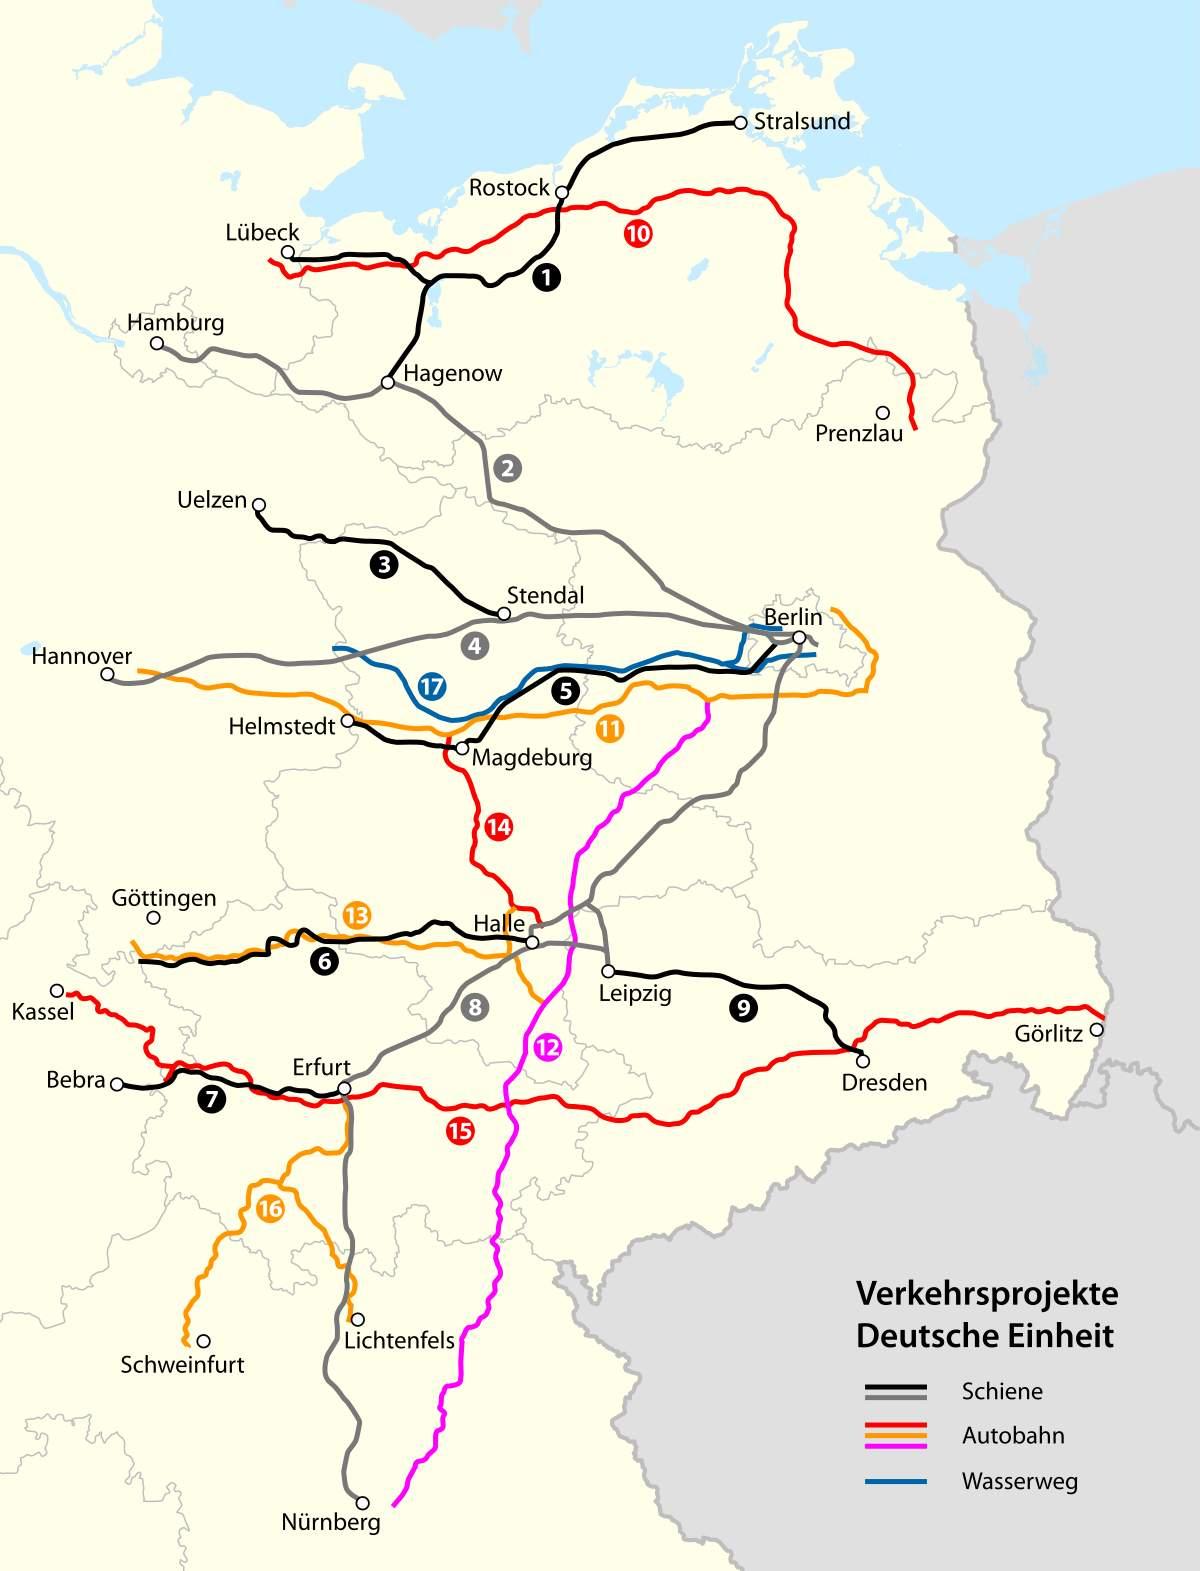 1200px Karte Verkehrsprojekte Deutsche Einheitg